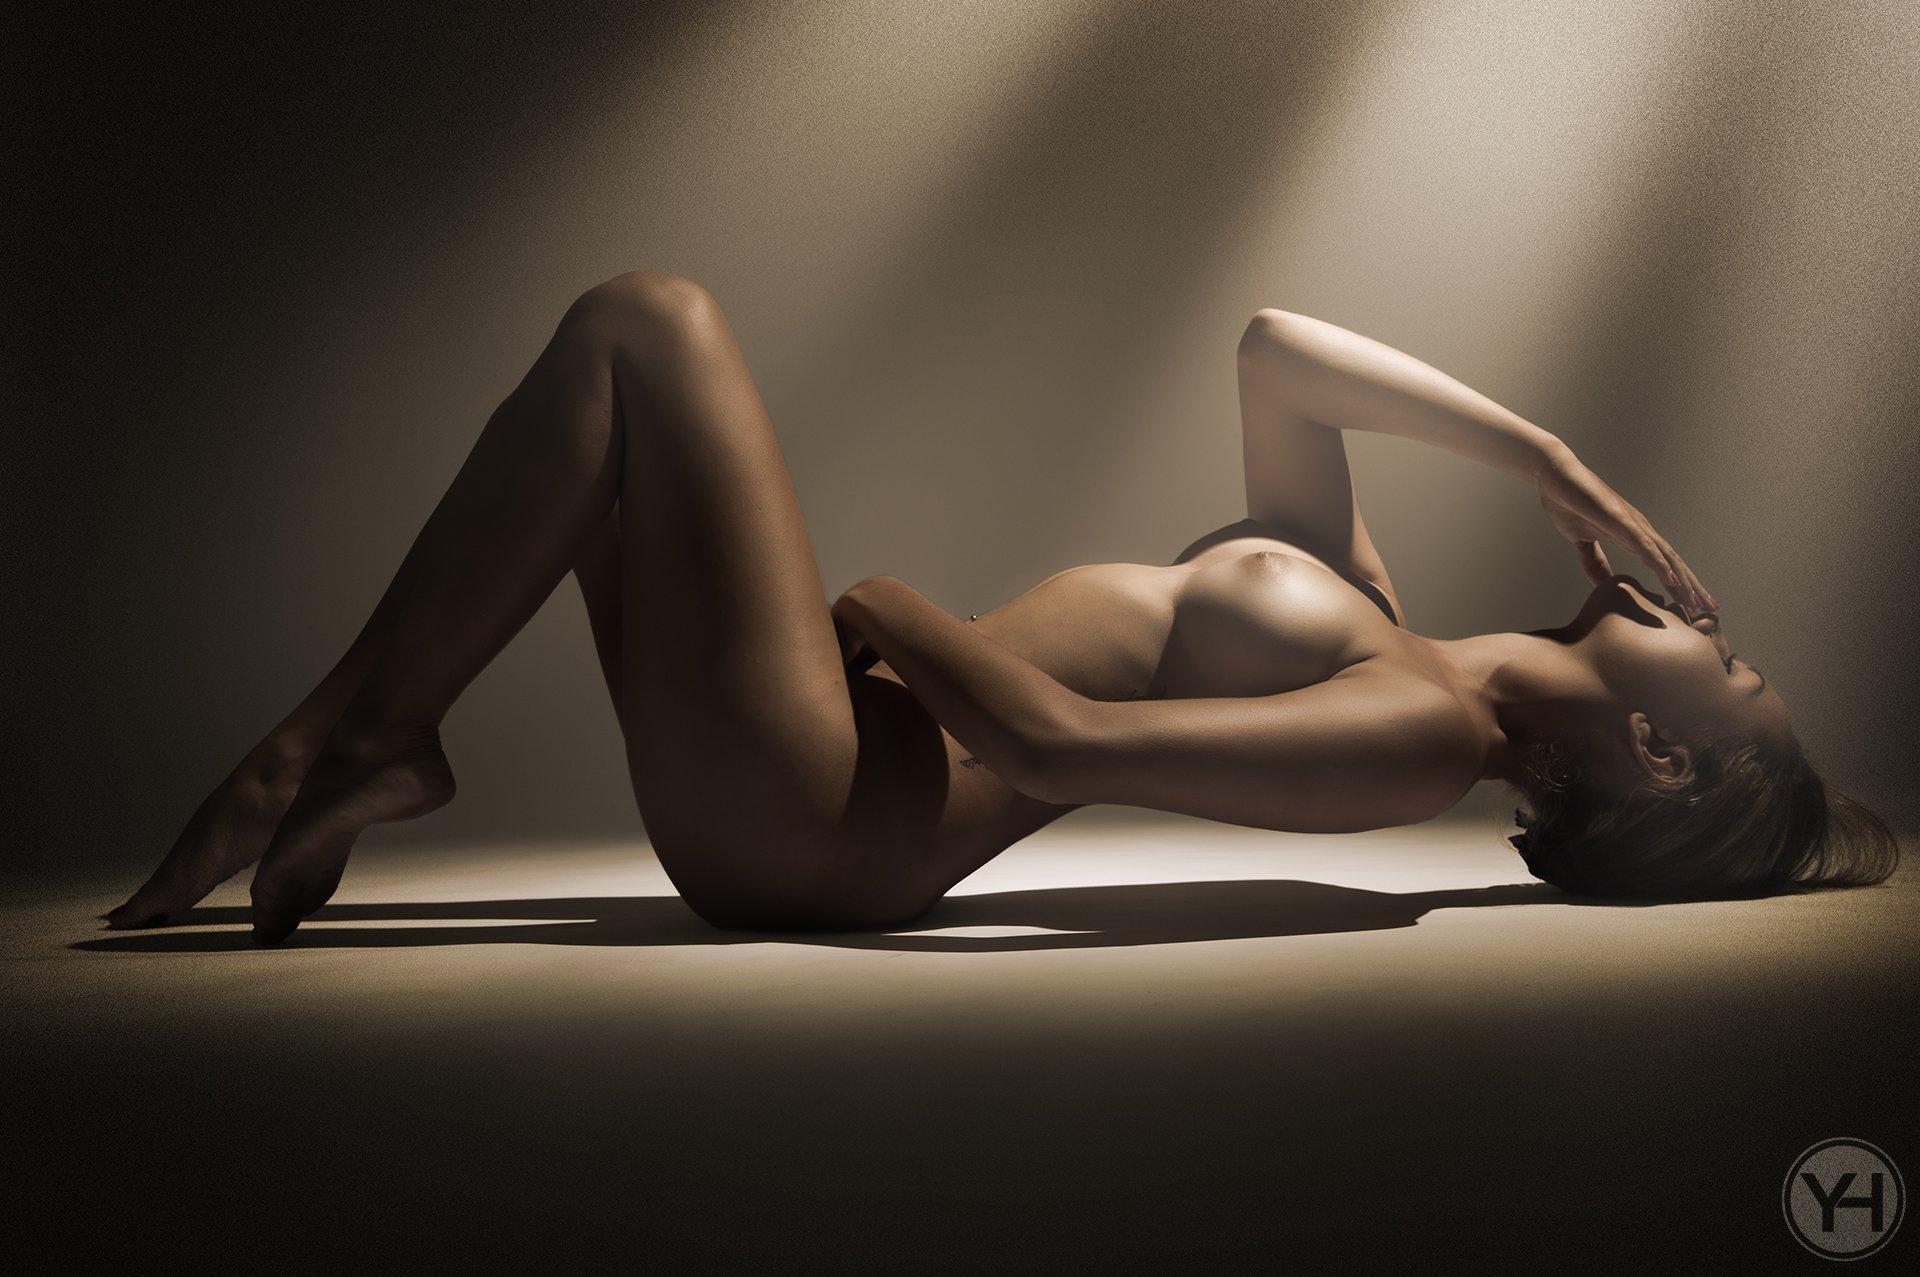 tayskiy-eroticheskiy-massazh-v-peterburge